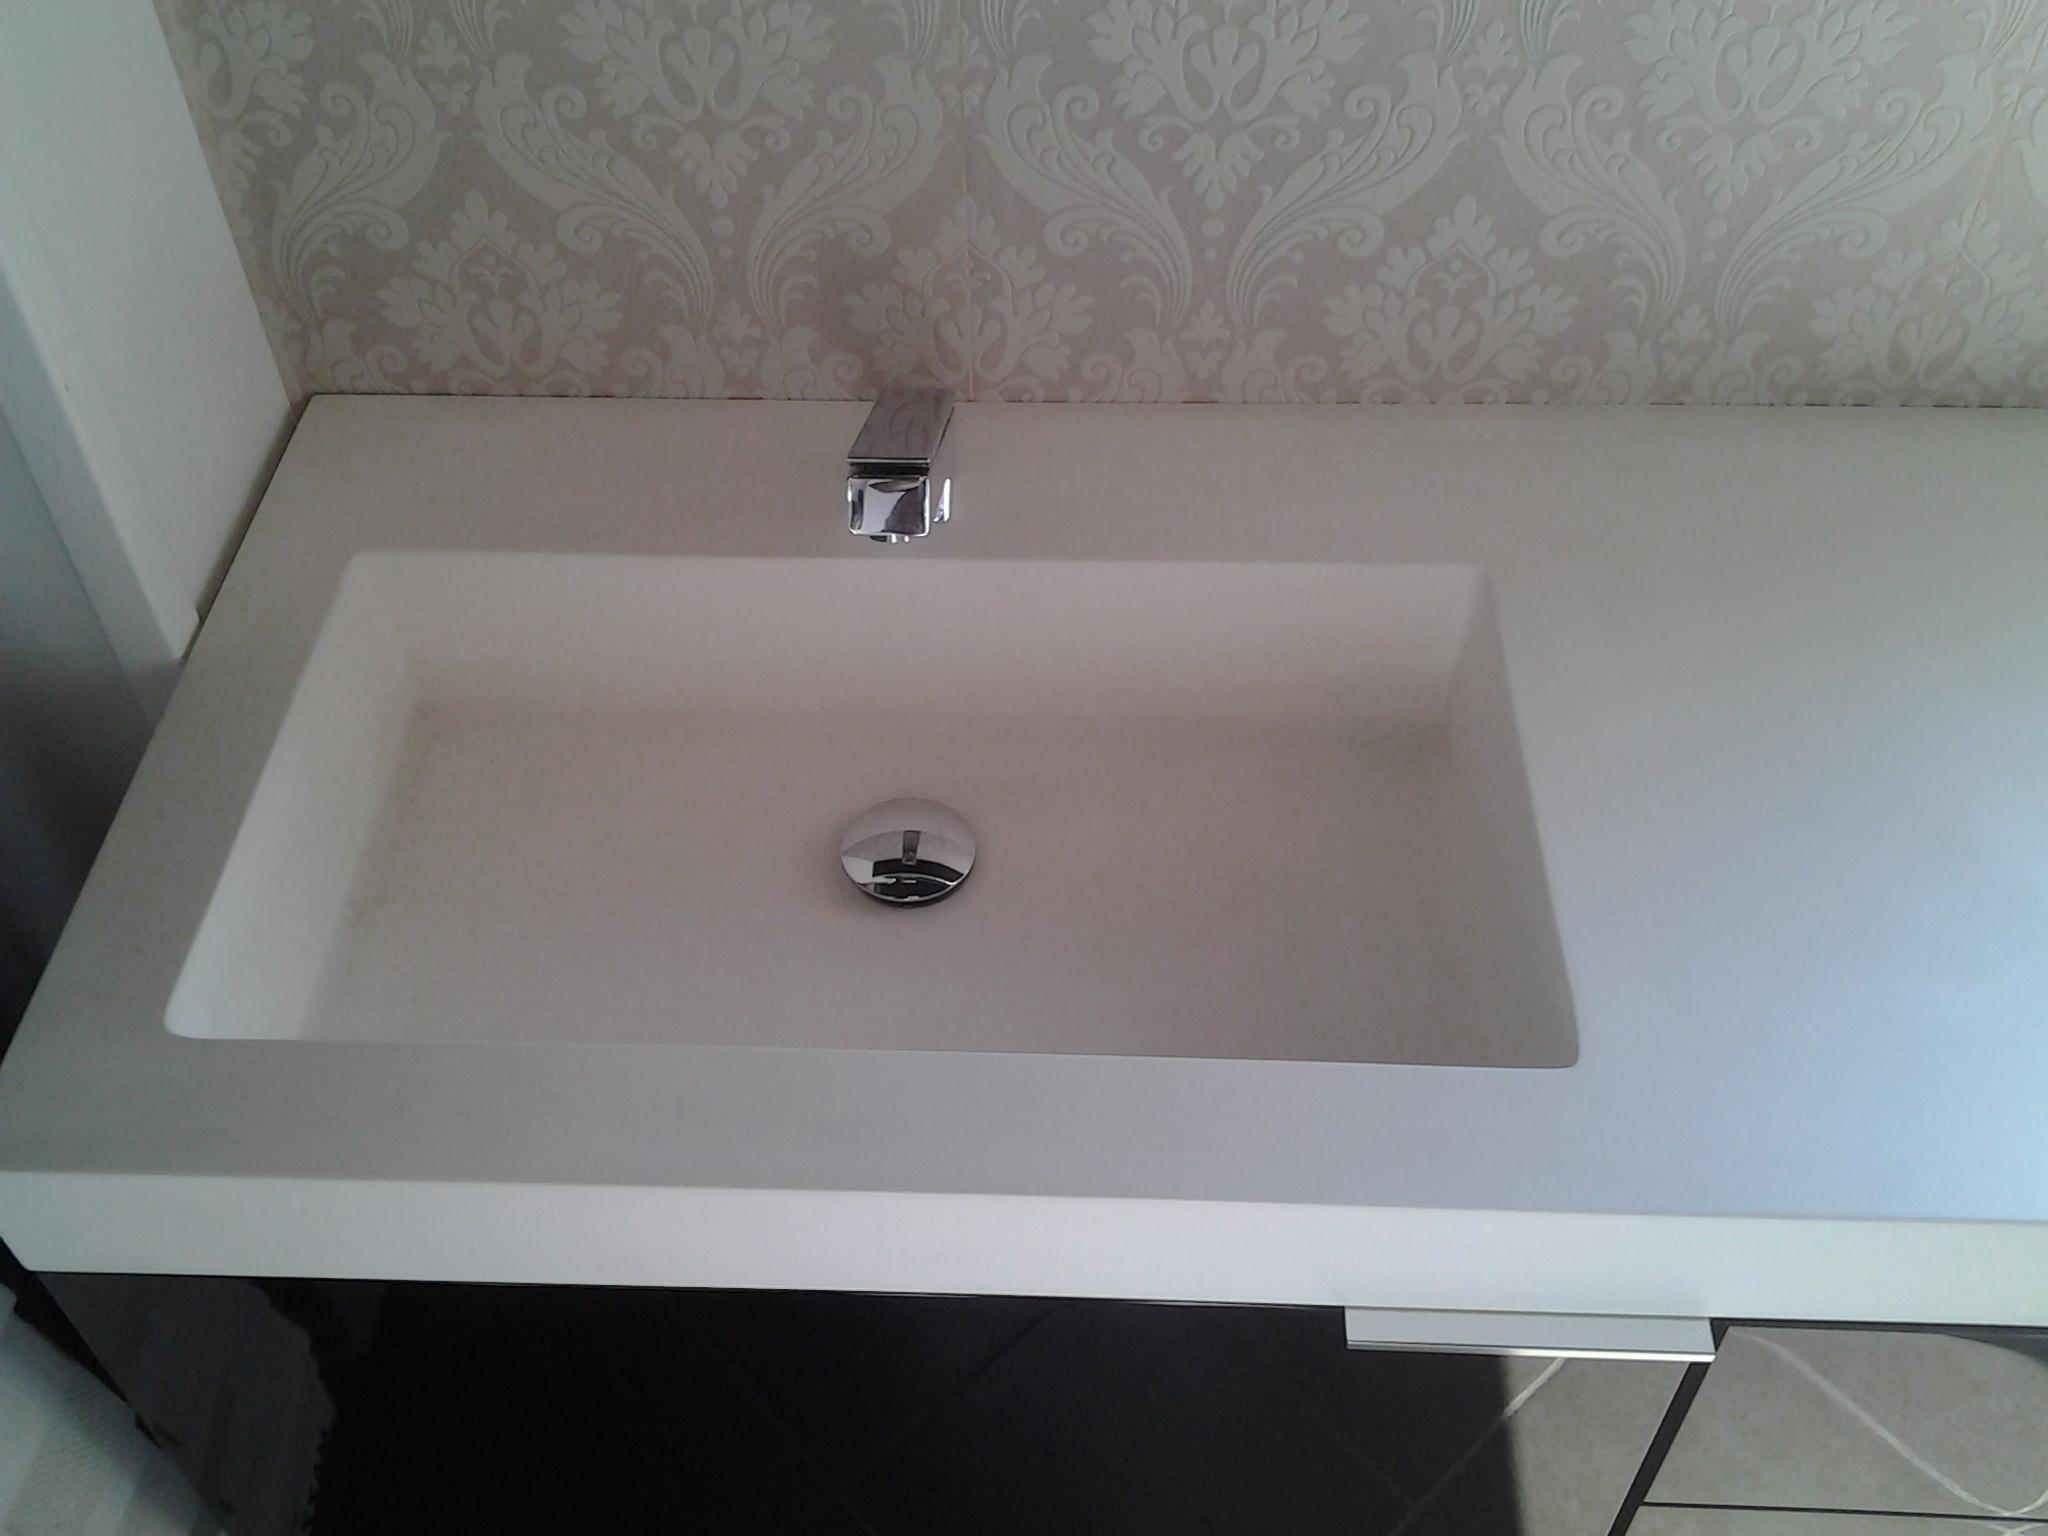 Bagno laccato nero lucido top lavabo korakril arredo - Lavabo bagno ikea prezzi ...